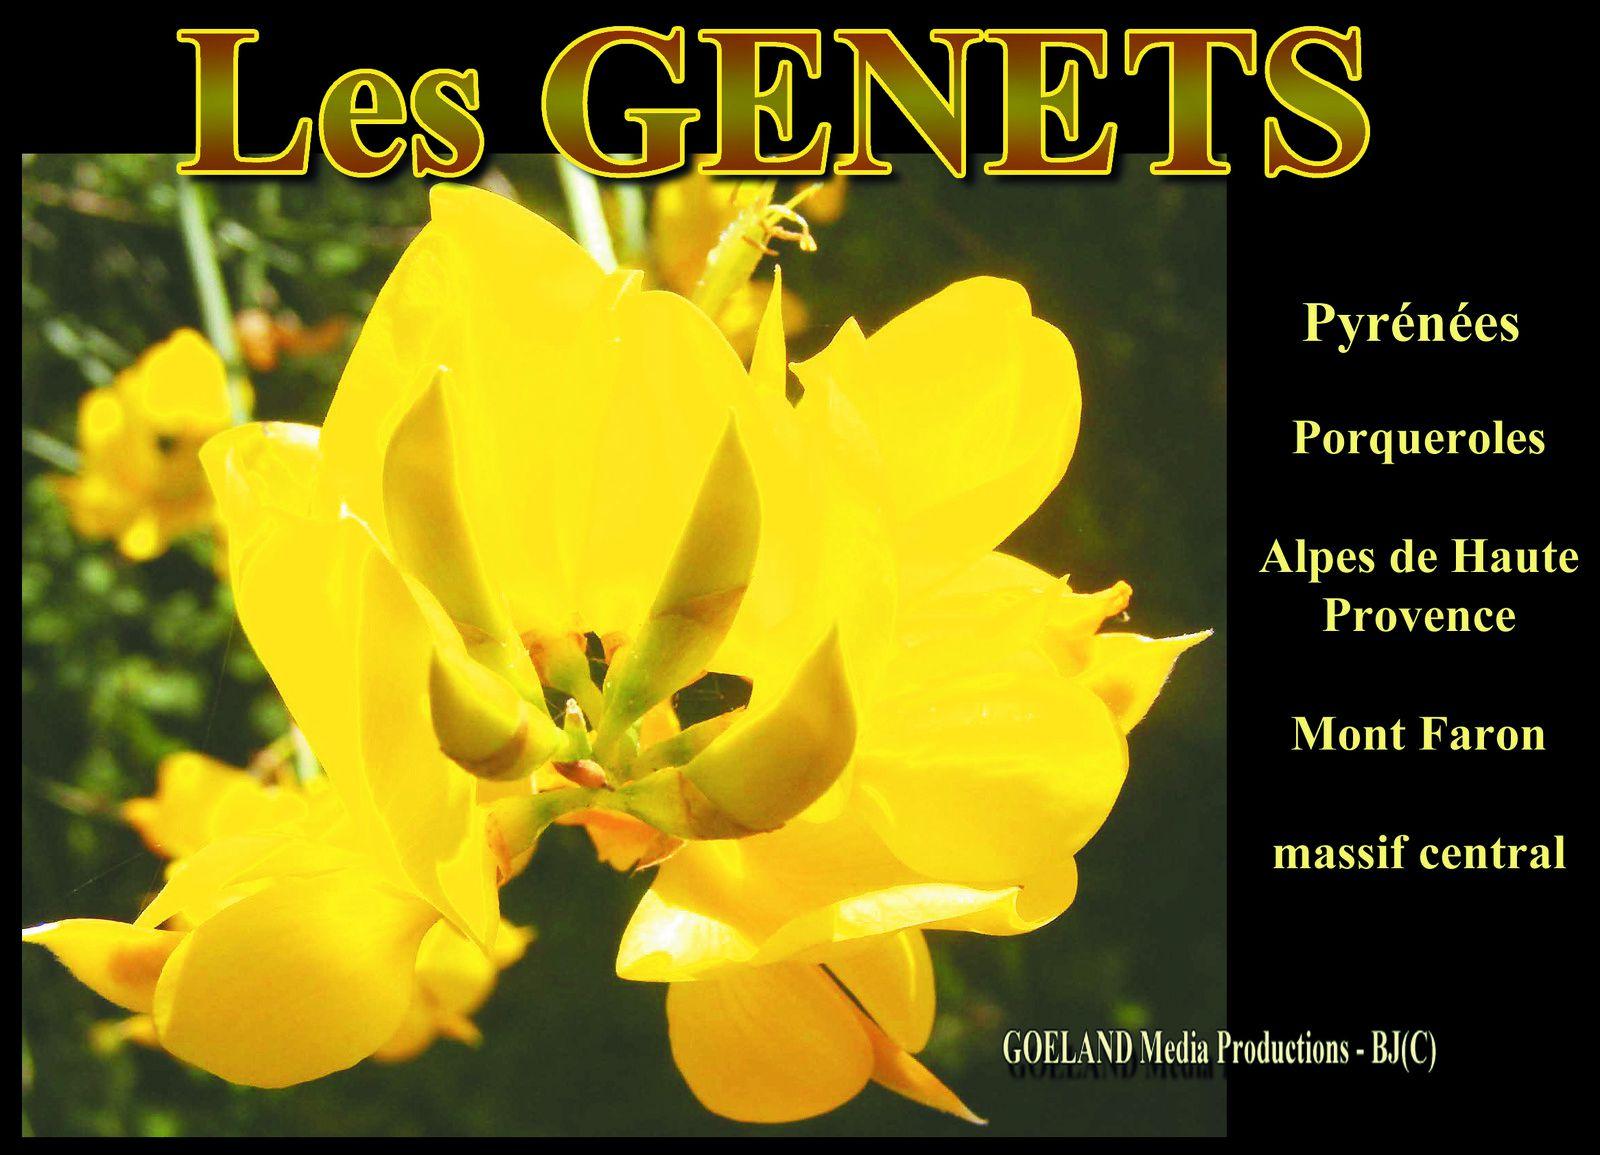 LES GENETS - Arbustes résistants dont les FLEURS ENSOLEILLENT LES CÔTEAUX !